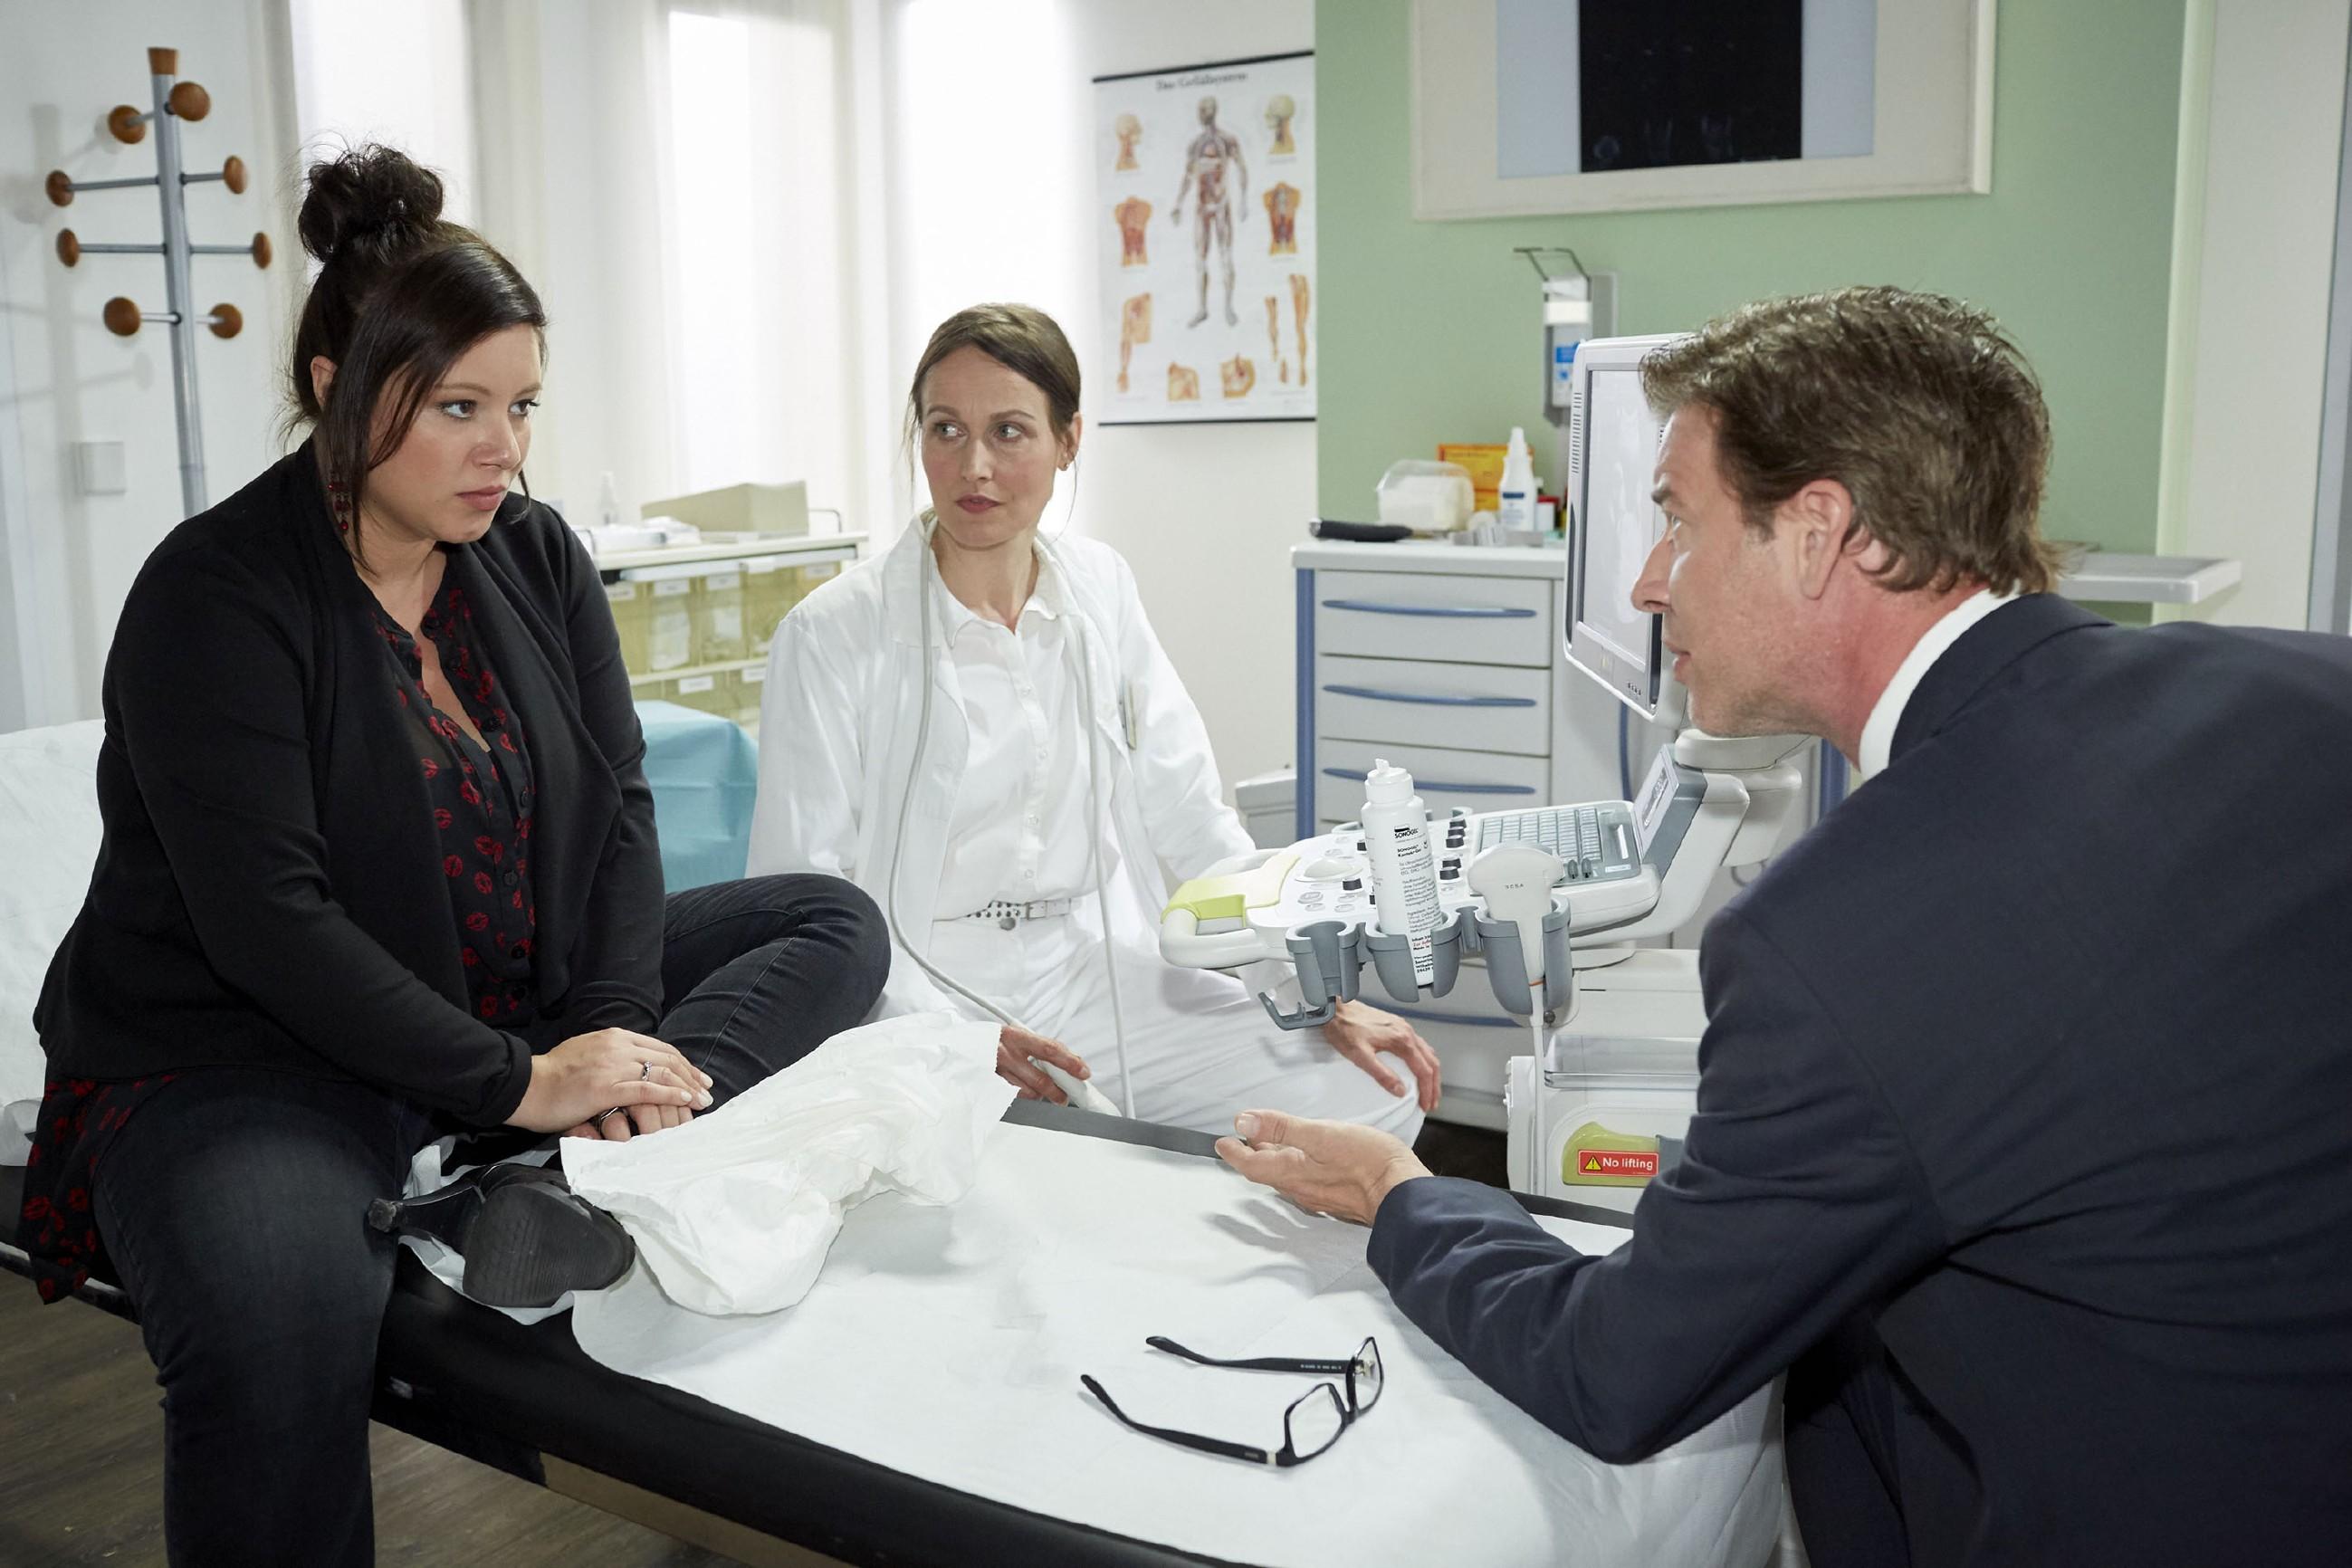 Vanessas (Julia Augustin, l.) und Christophs (Lars Korten) Euphorie erhält einen Dämpfer, als sie bei der Untersuchung von Dr. Fink (Barbara Seifert erfahren, dass mit ihrem Baby vielleicht etwas nicht in Ordnung ist. (Quelle: RTL / Guido Engels)